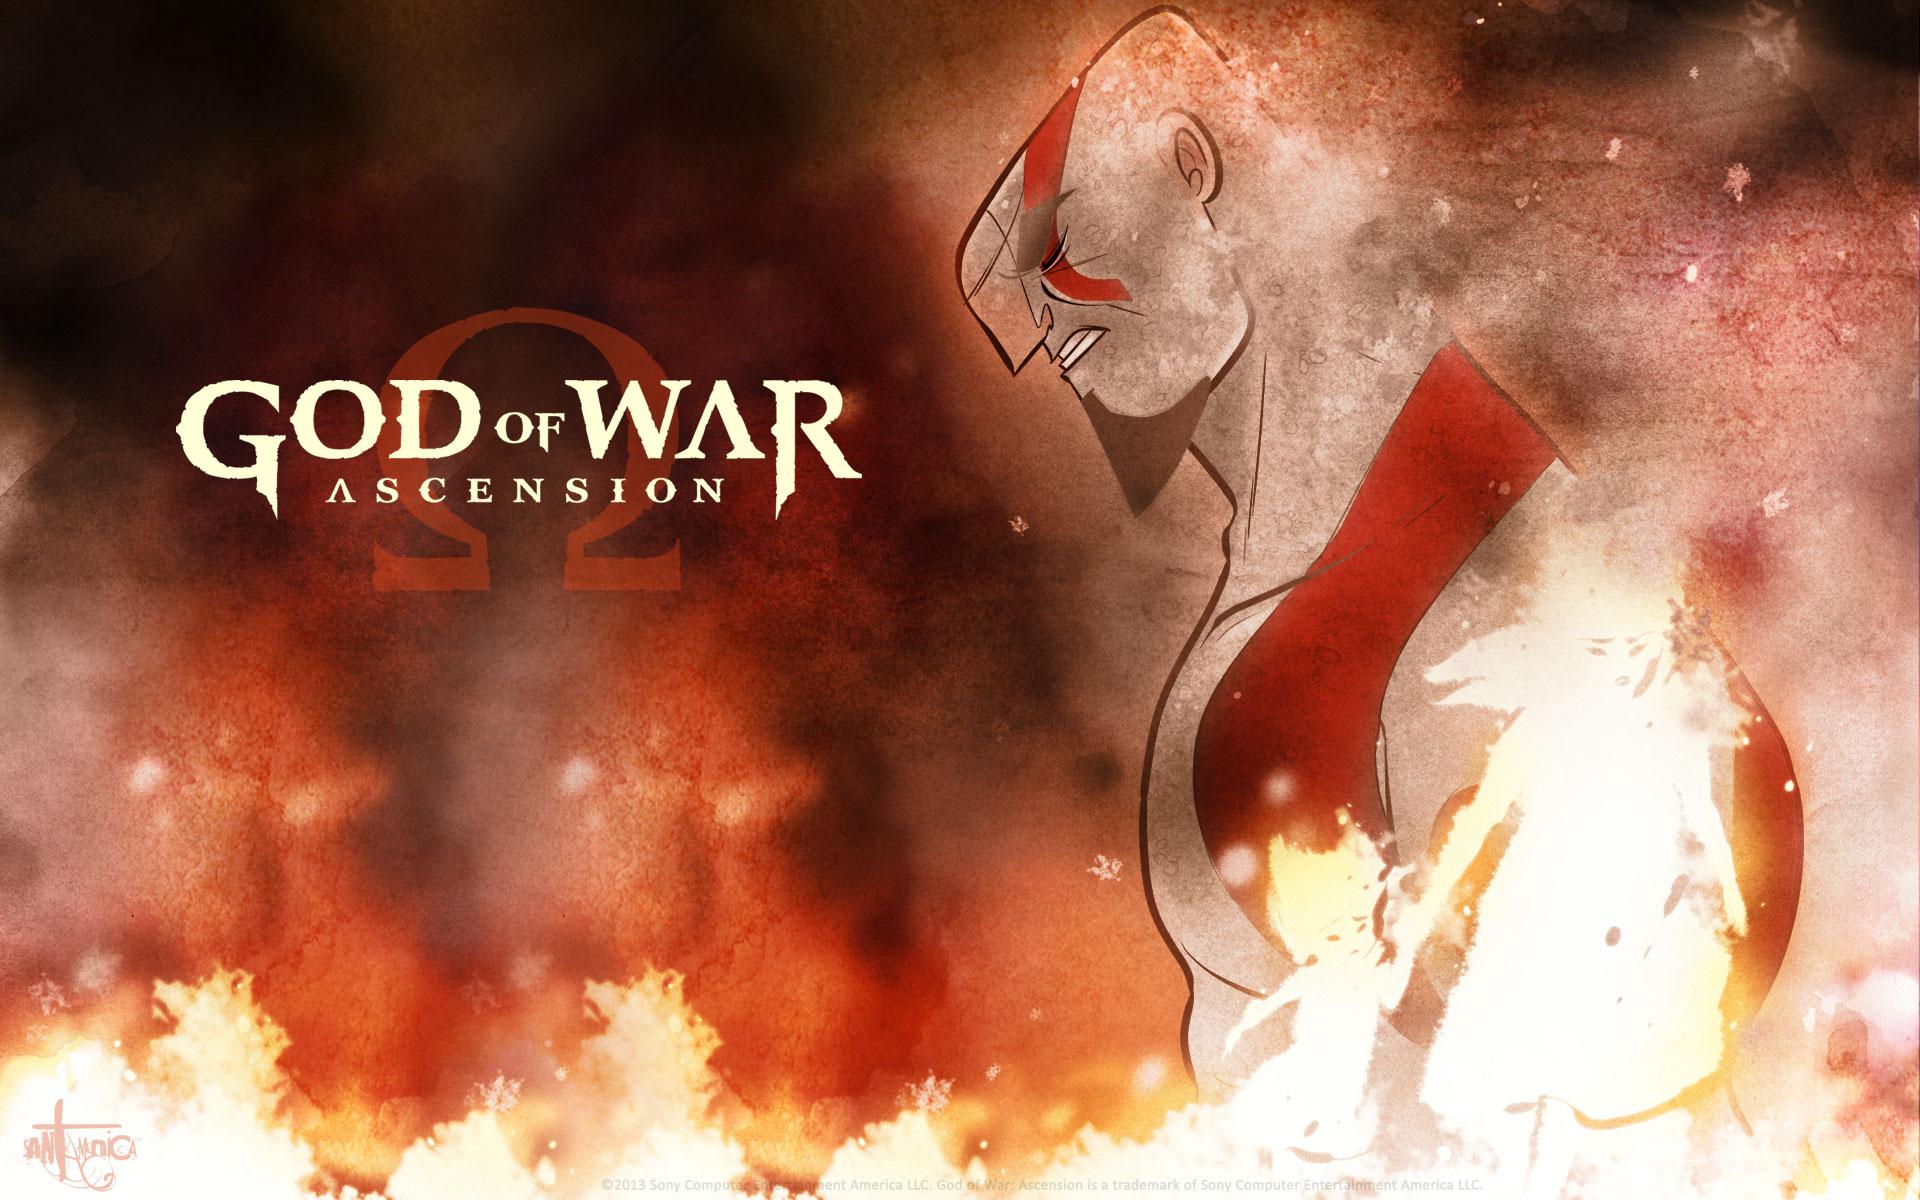 Wallpaper God Of War Ascension Hd 272073 Hd Wallpaper